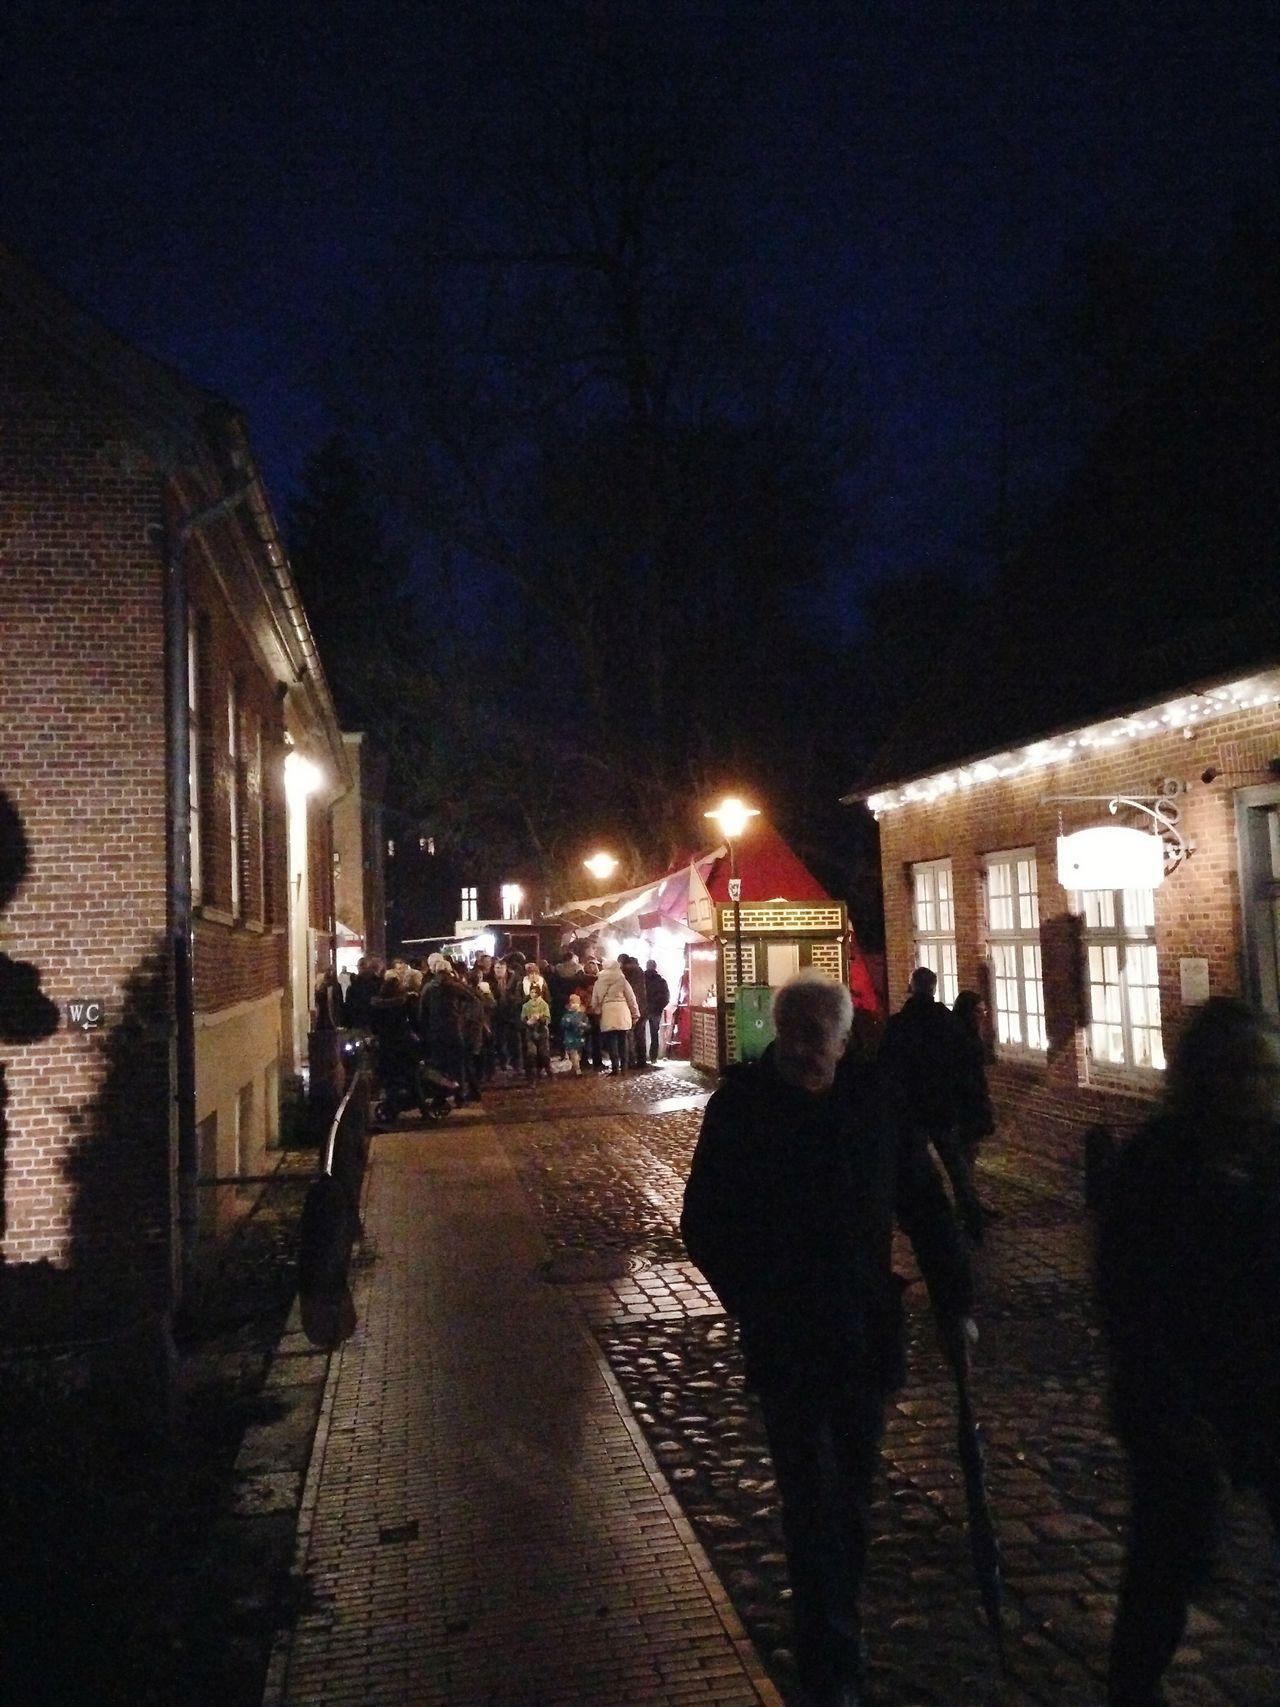 352/365 Weihnachtsmarkt auf der Schlossinsel Photo365 Bilsbekblog Eyeemgermany Sorcerer86 Photooftheday Oneplusone OPOography Eyeembarmstedt